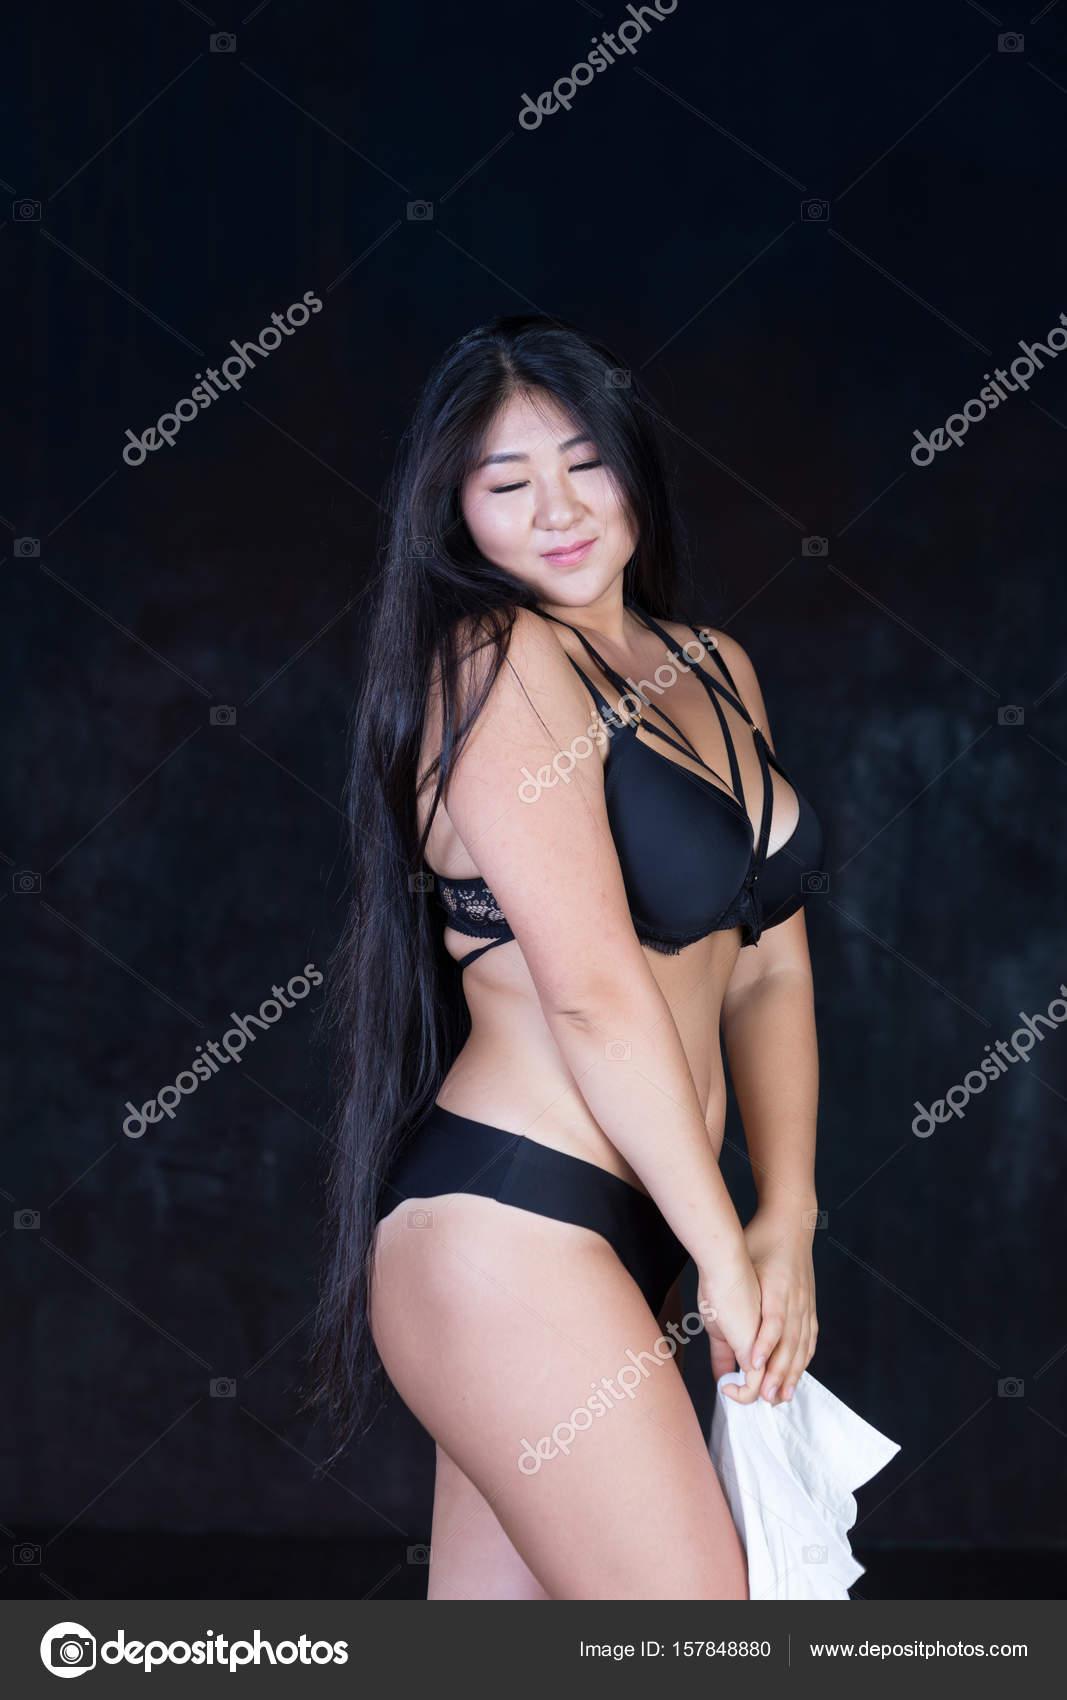 Adult archive Japan bondage sex porn